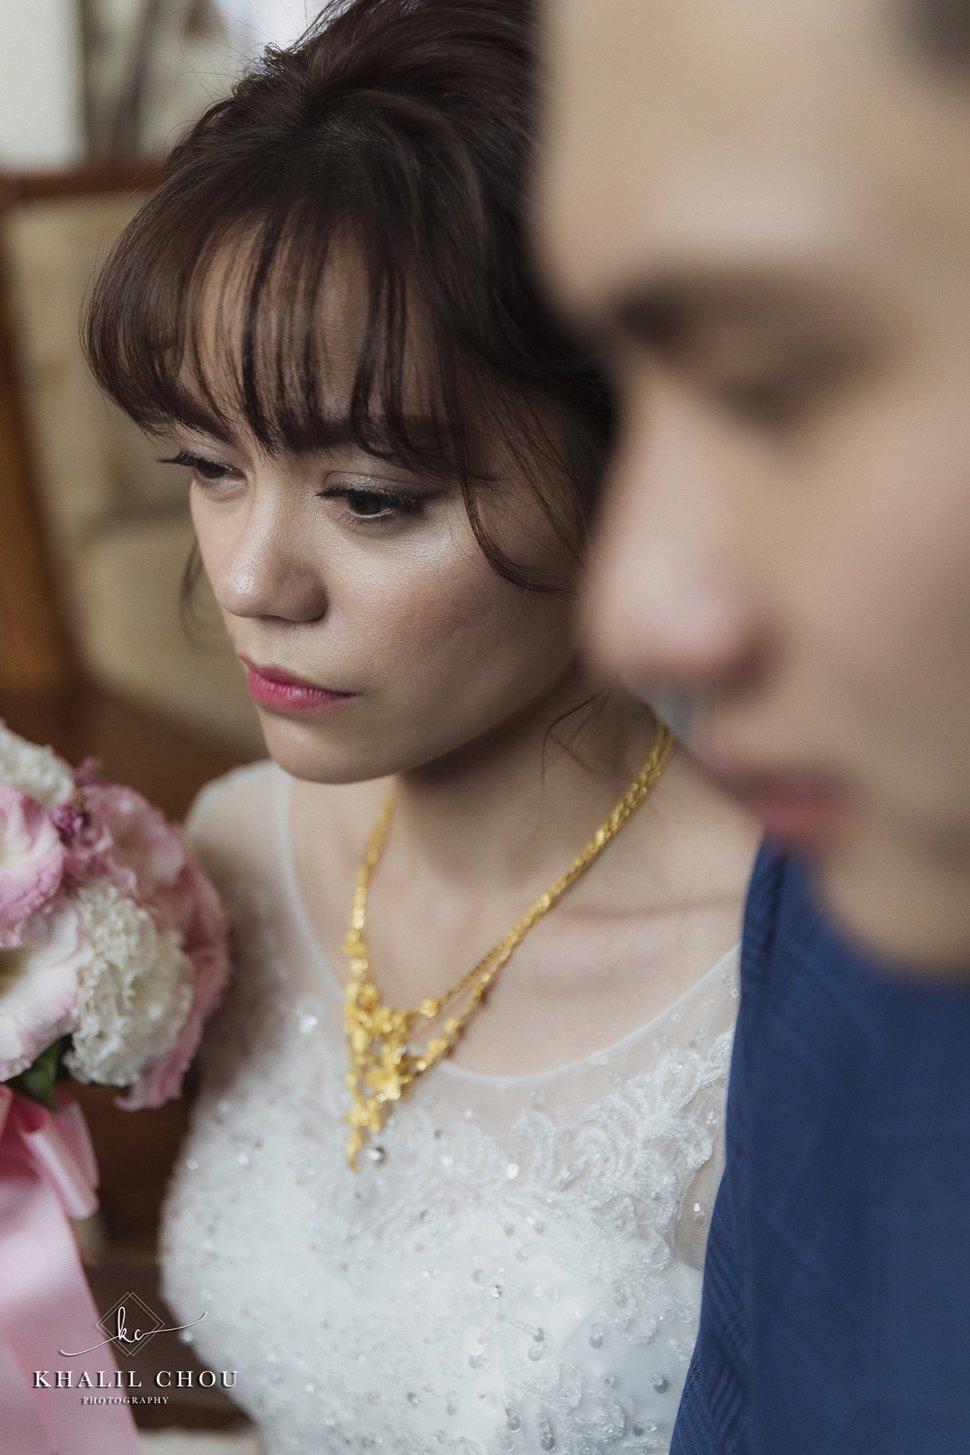 0202-18 - 凱勒・周 獨立影像 - 結婚吧